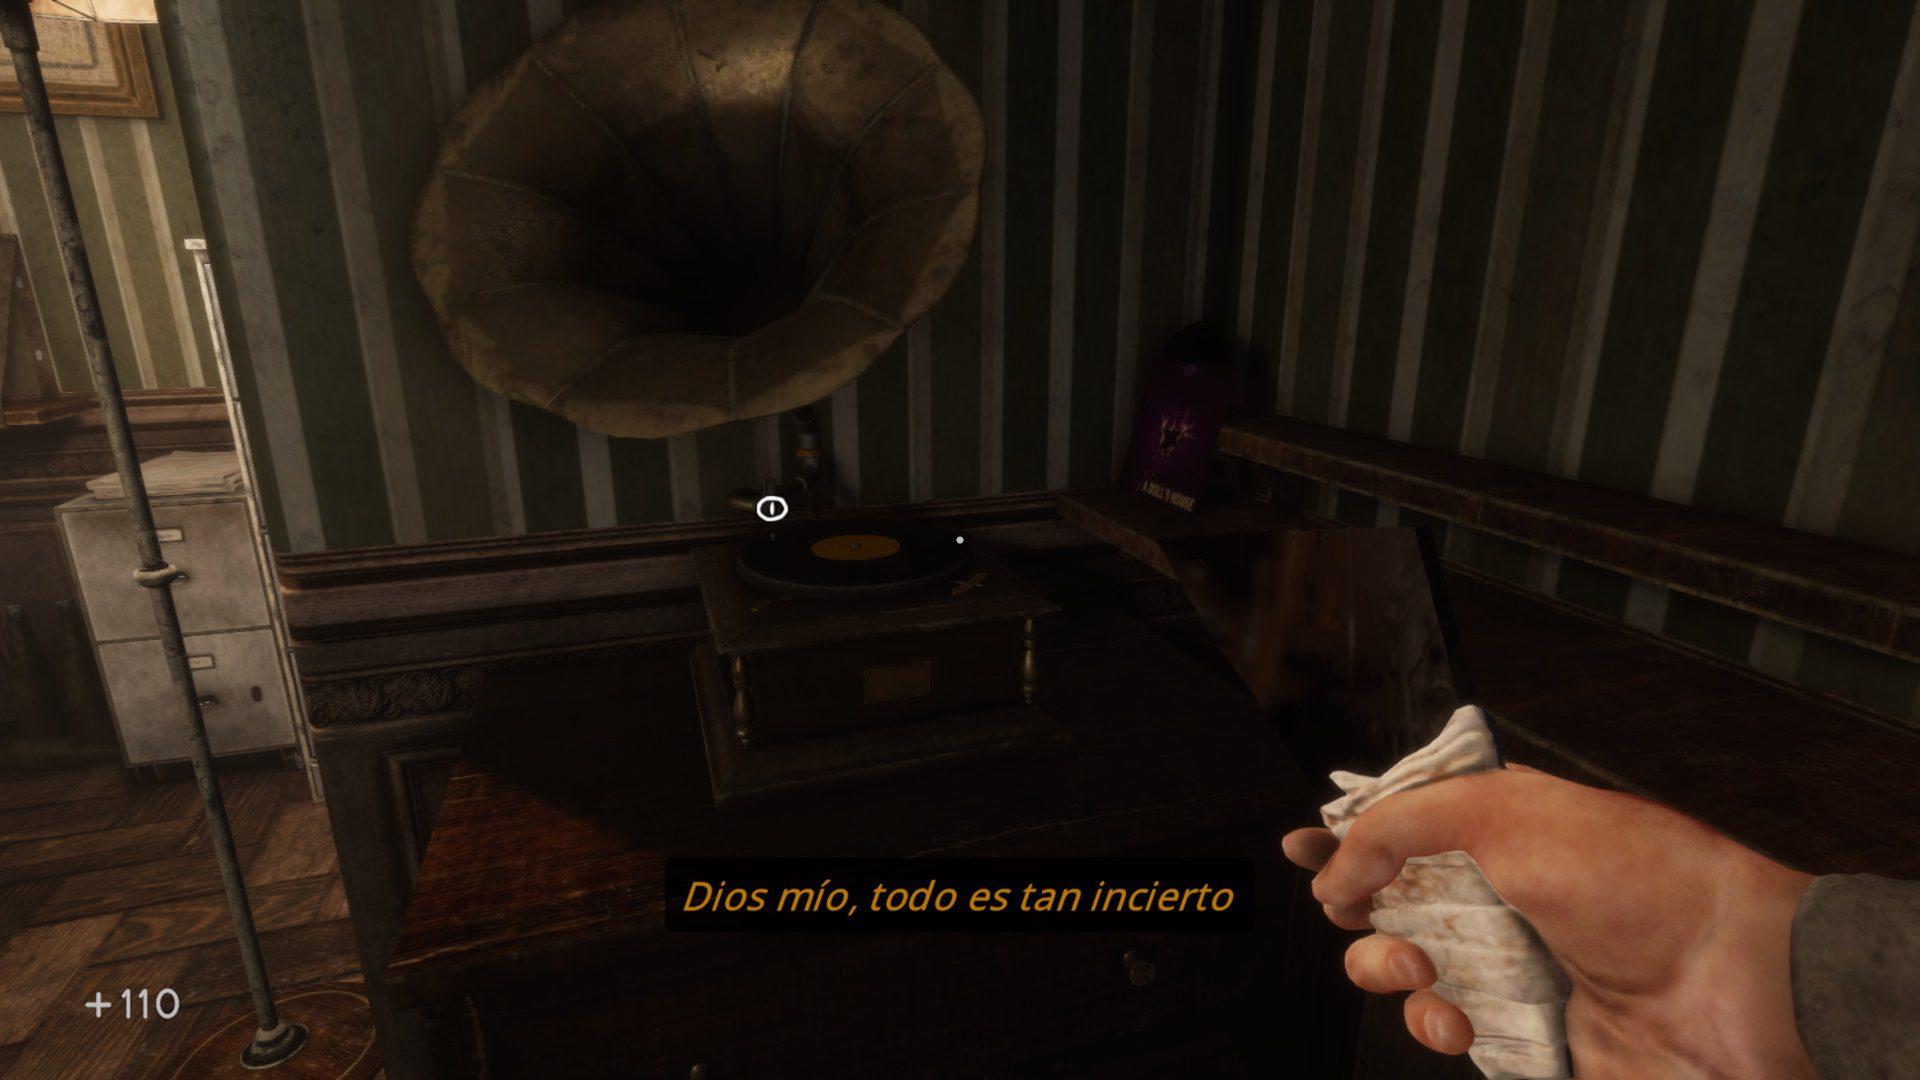 """Análisis de In Sound Mind - Quizá no esté todo inventado en los Survival Horror, un aumento en el realismo de sus gráficos, un nuevo concepto jugable, un argumento digno de Oscar… hay muchas posibilidades para innovar en este prolífico género. Y es que nuestras consolas (y sobre todo Steam) están inundadas de juegos de miedo estilo """"Jump Scare"""" sin mucho más fundamento que provocar el miedo en el jugador. Pero ni se pueden calificar como Resident Evil, ni Silent Hill y en algunos casos, ni casi un juego. Y luego están títulos como In Sound Mind, que bajo unos preceptos ya definidos consigue algo muy sólido."""